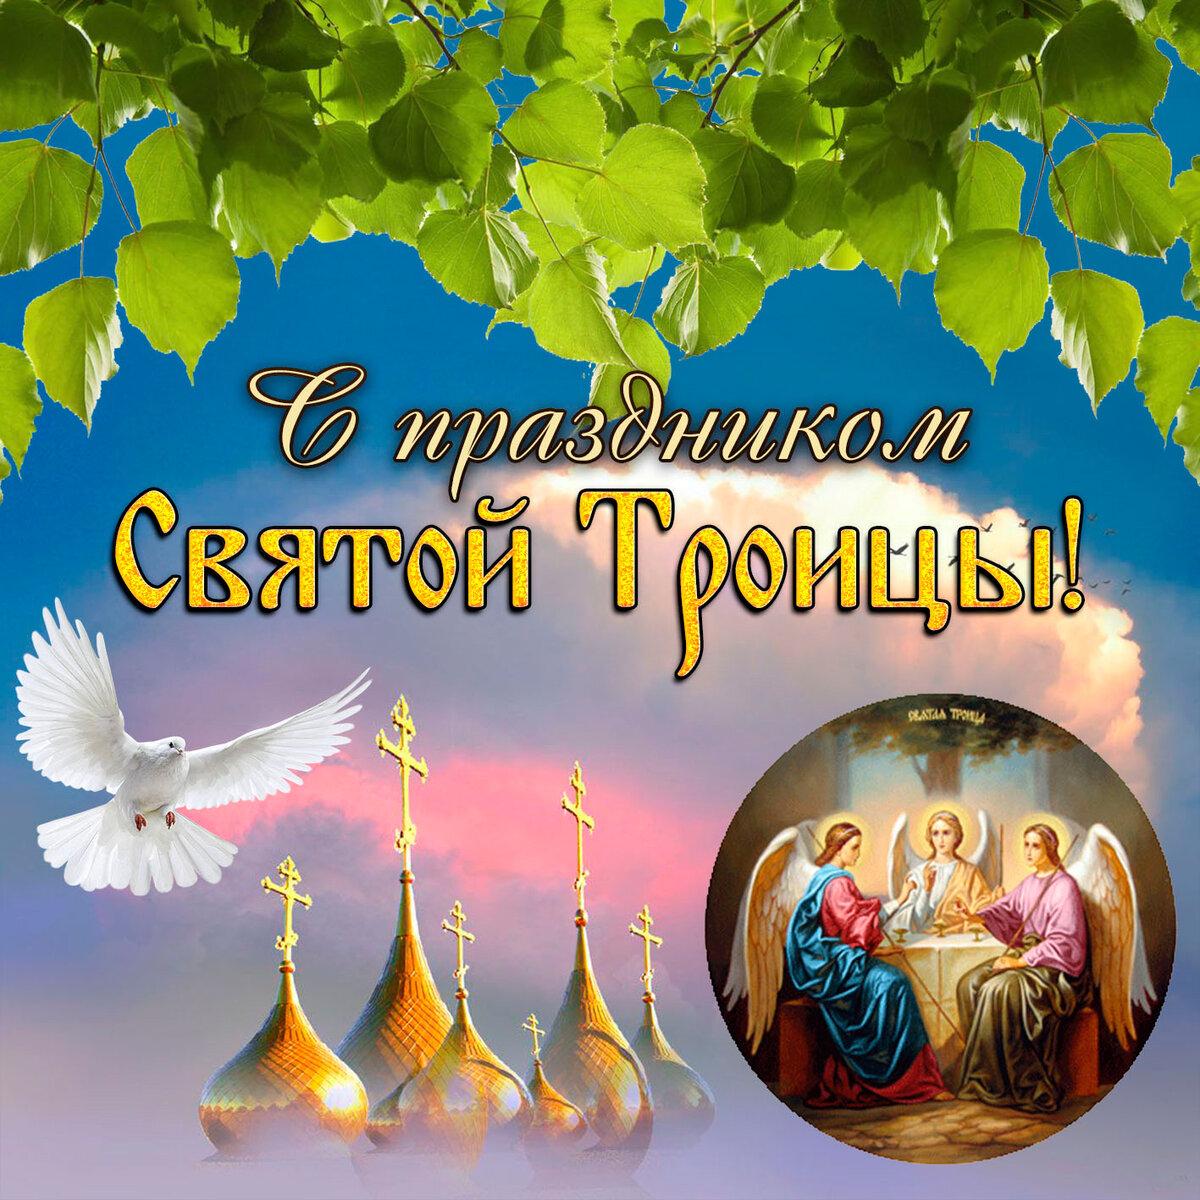 сегодняшний день, святая троица поздравить с праздником гостей адлера наш